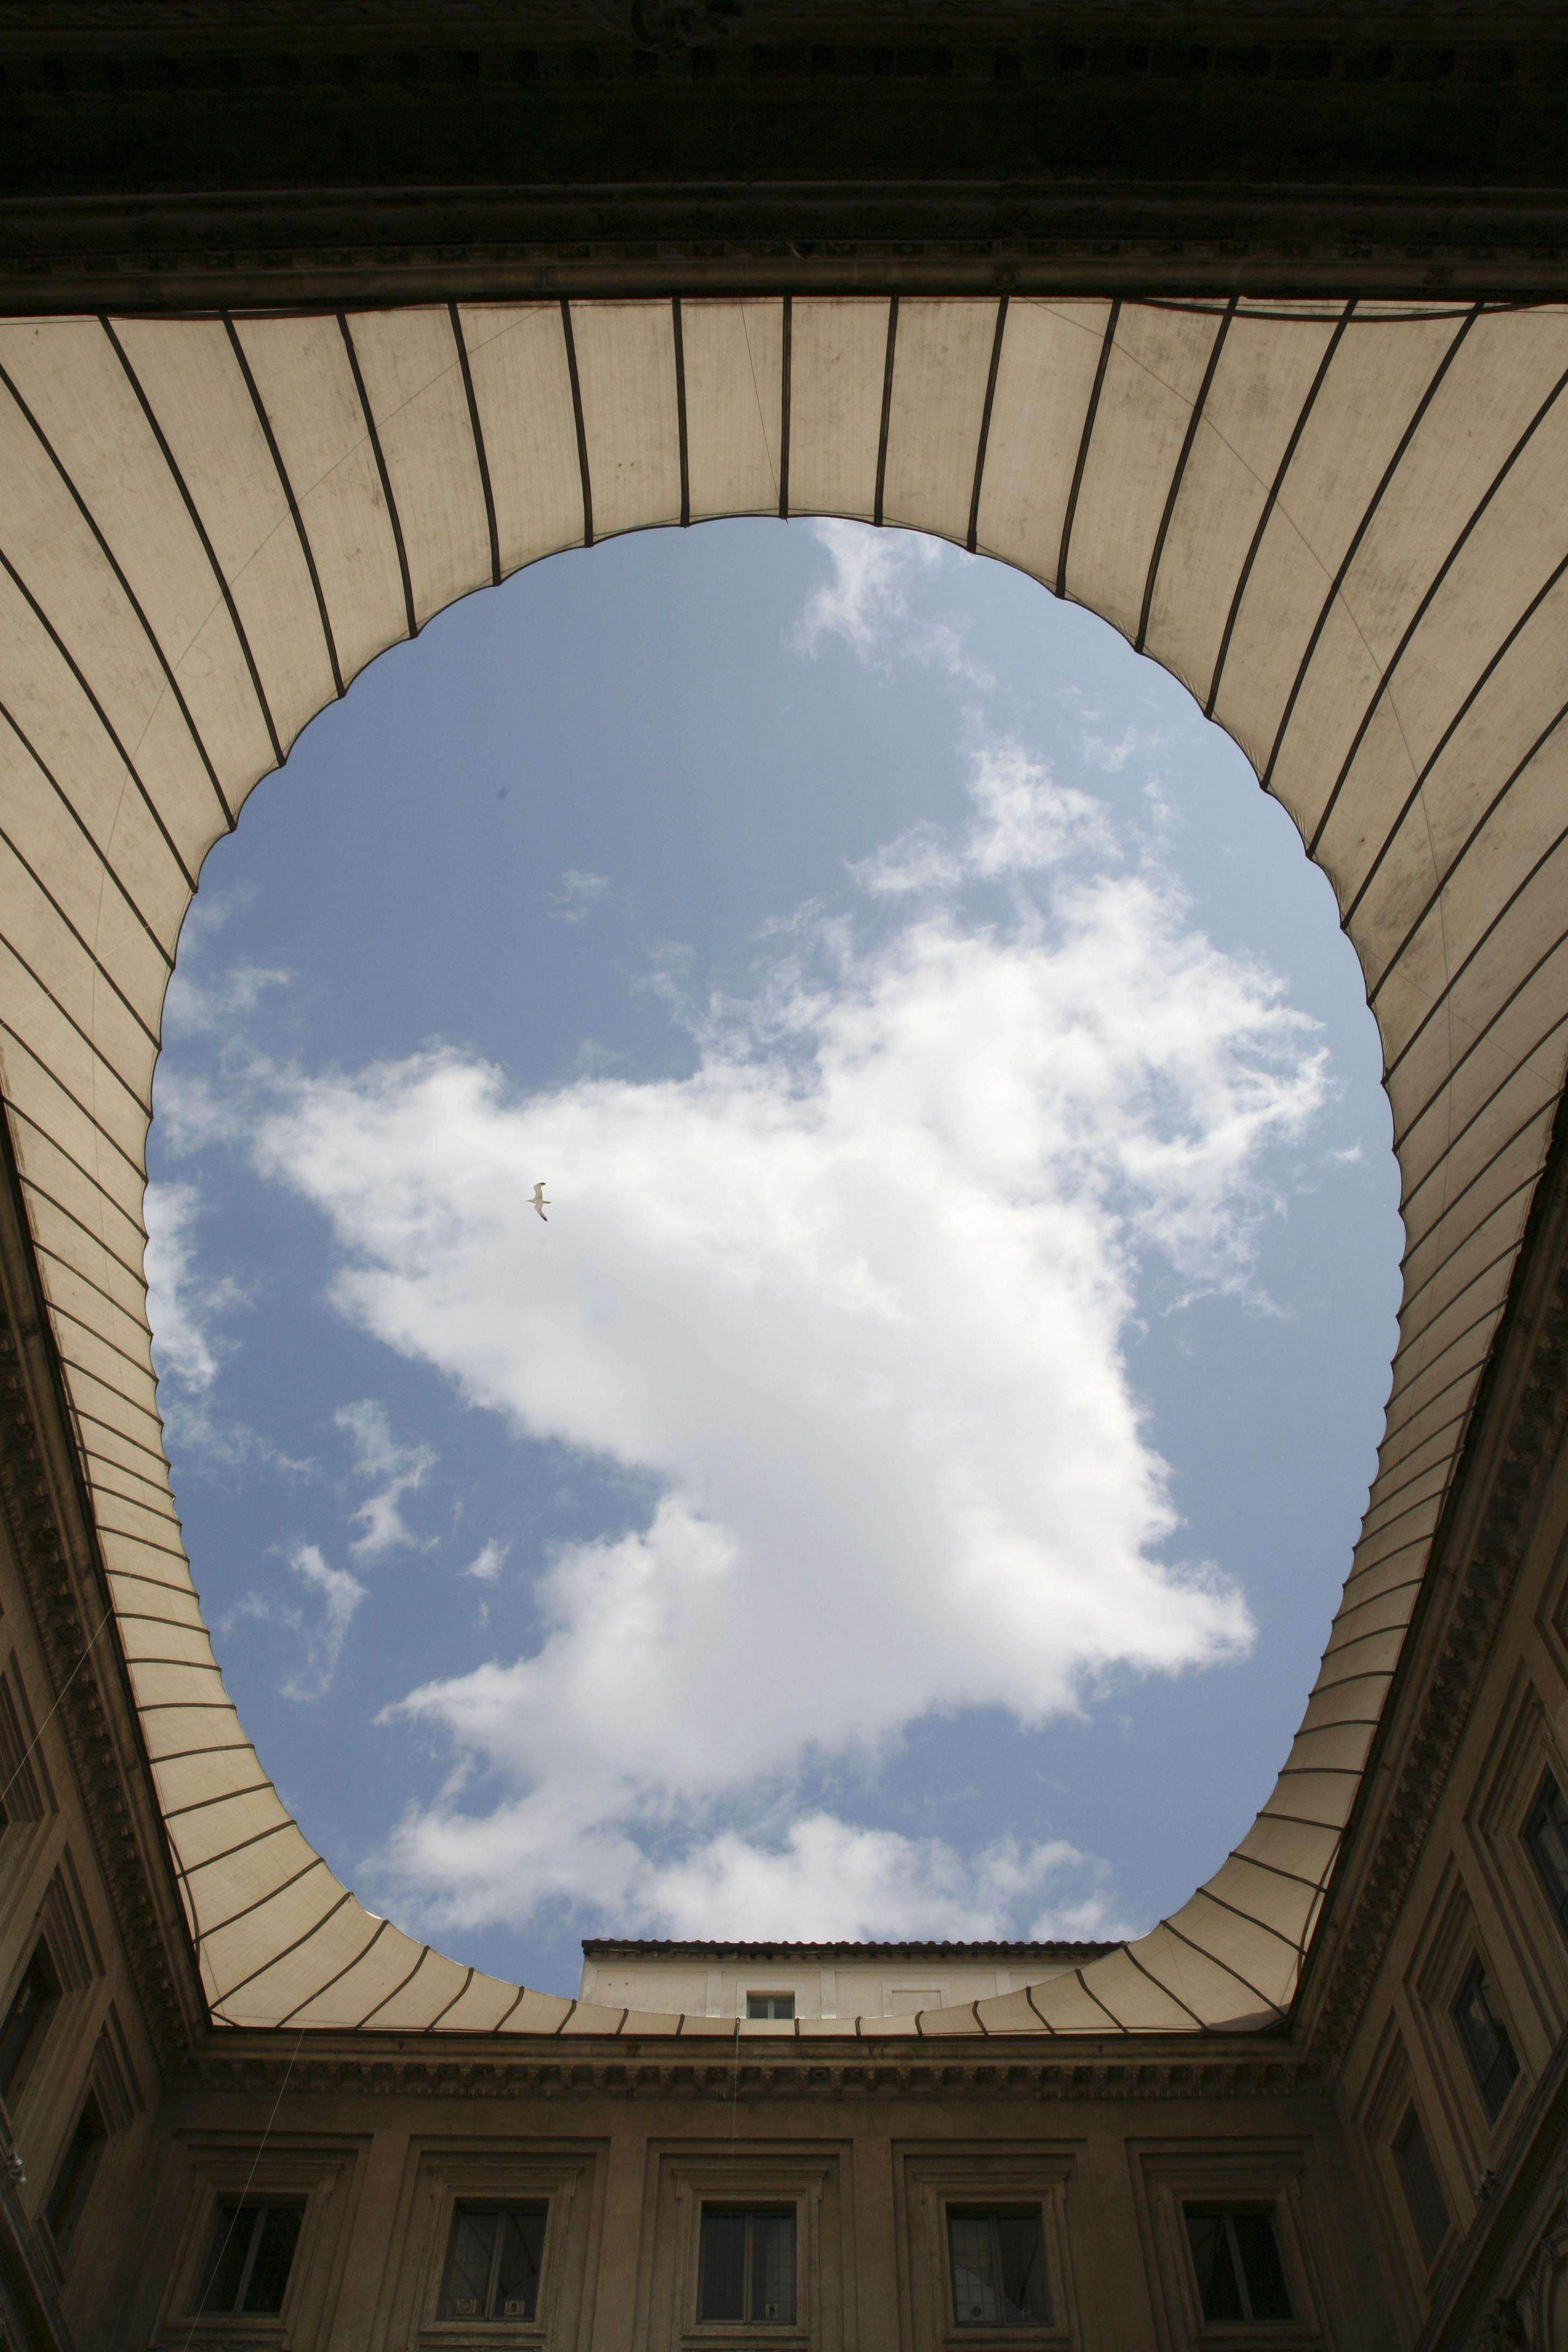 Palazzo Massimo sky